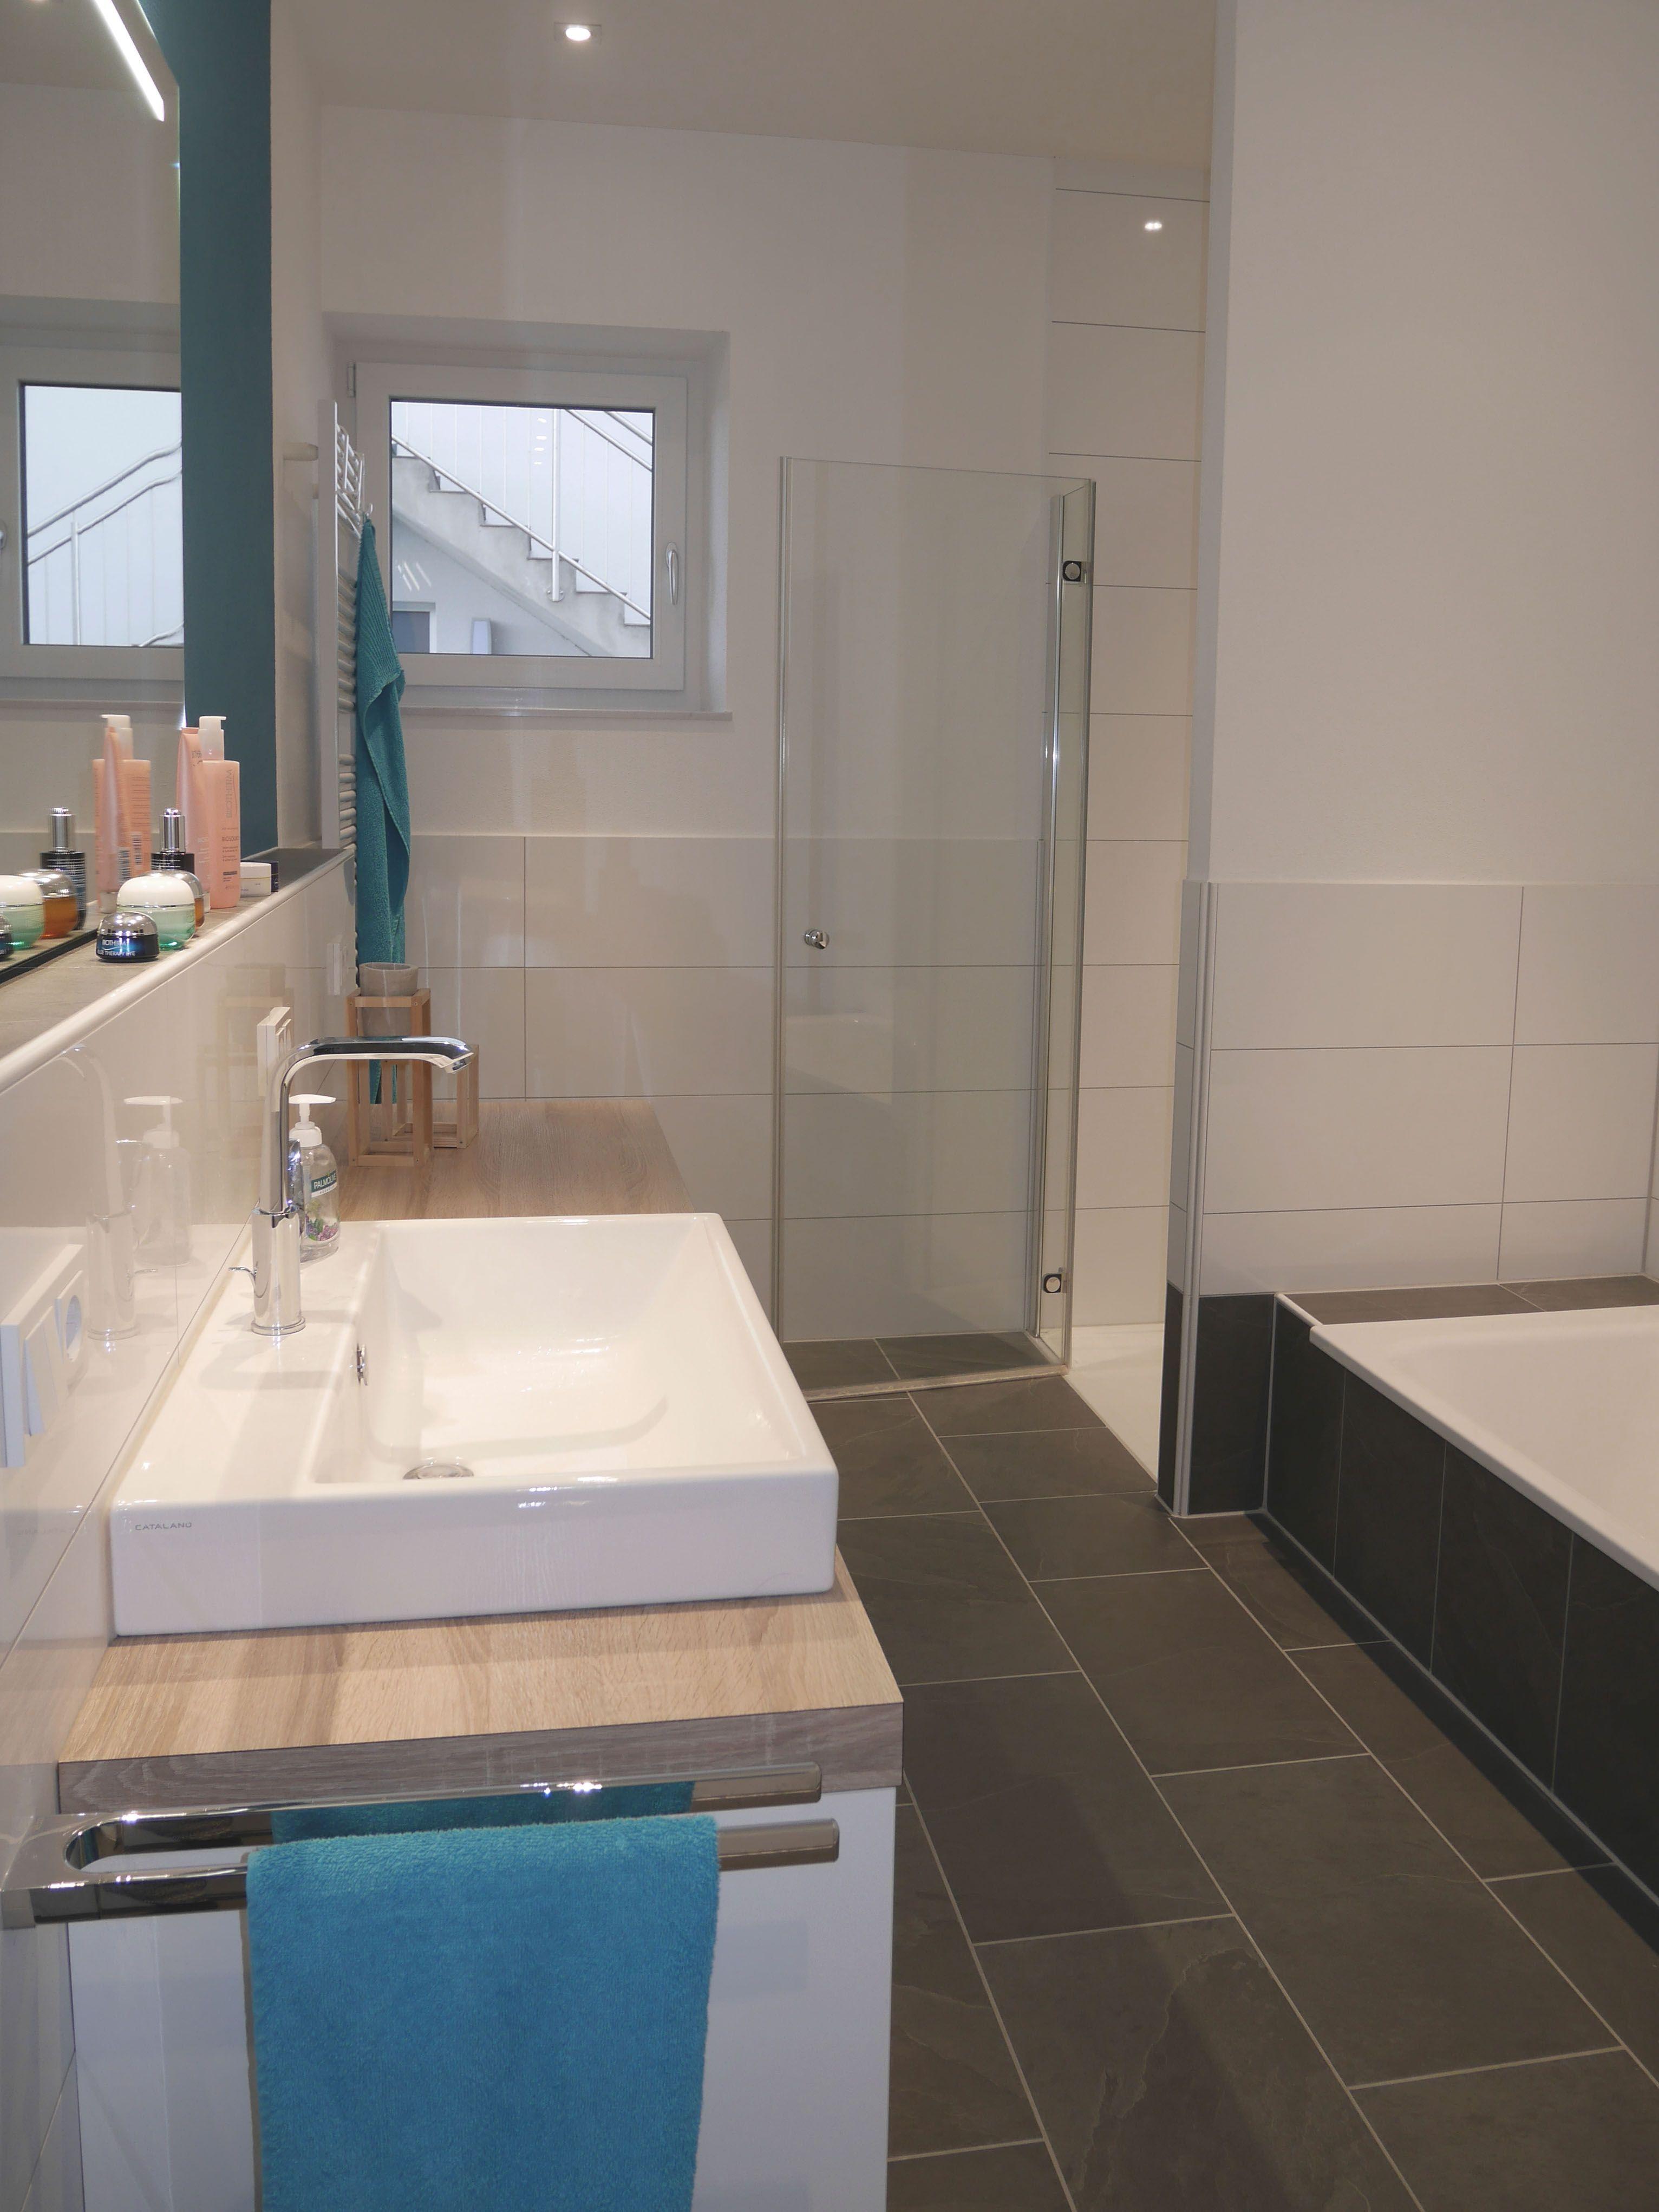 Inspirieren Lassen Auf Badezimmer Com Badezimmer Ablage Waschtisch Ablage Badezimmer